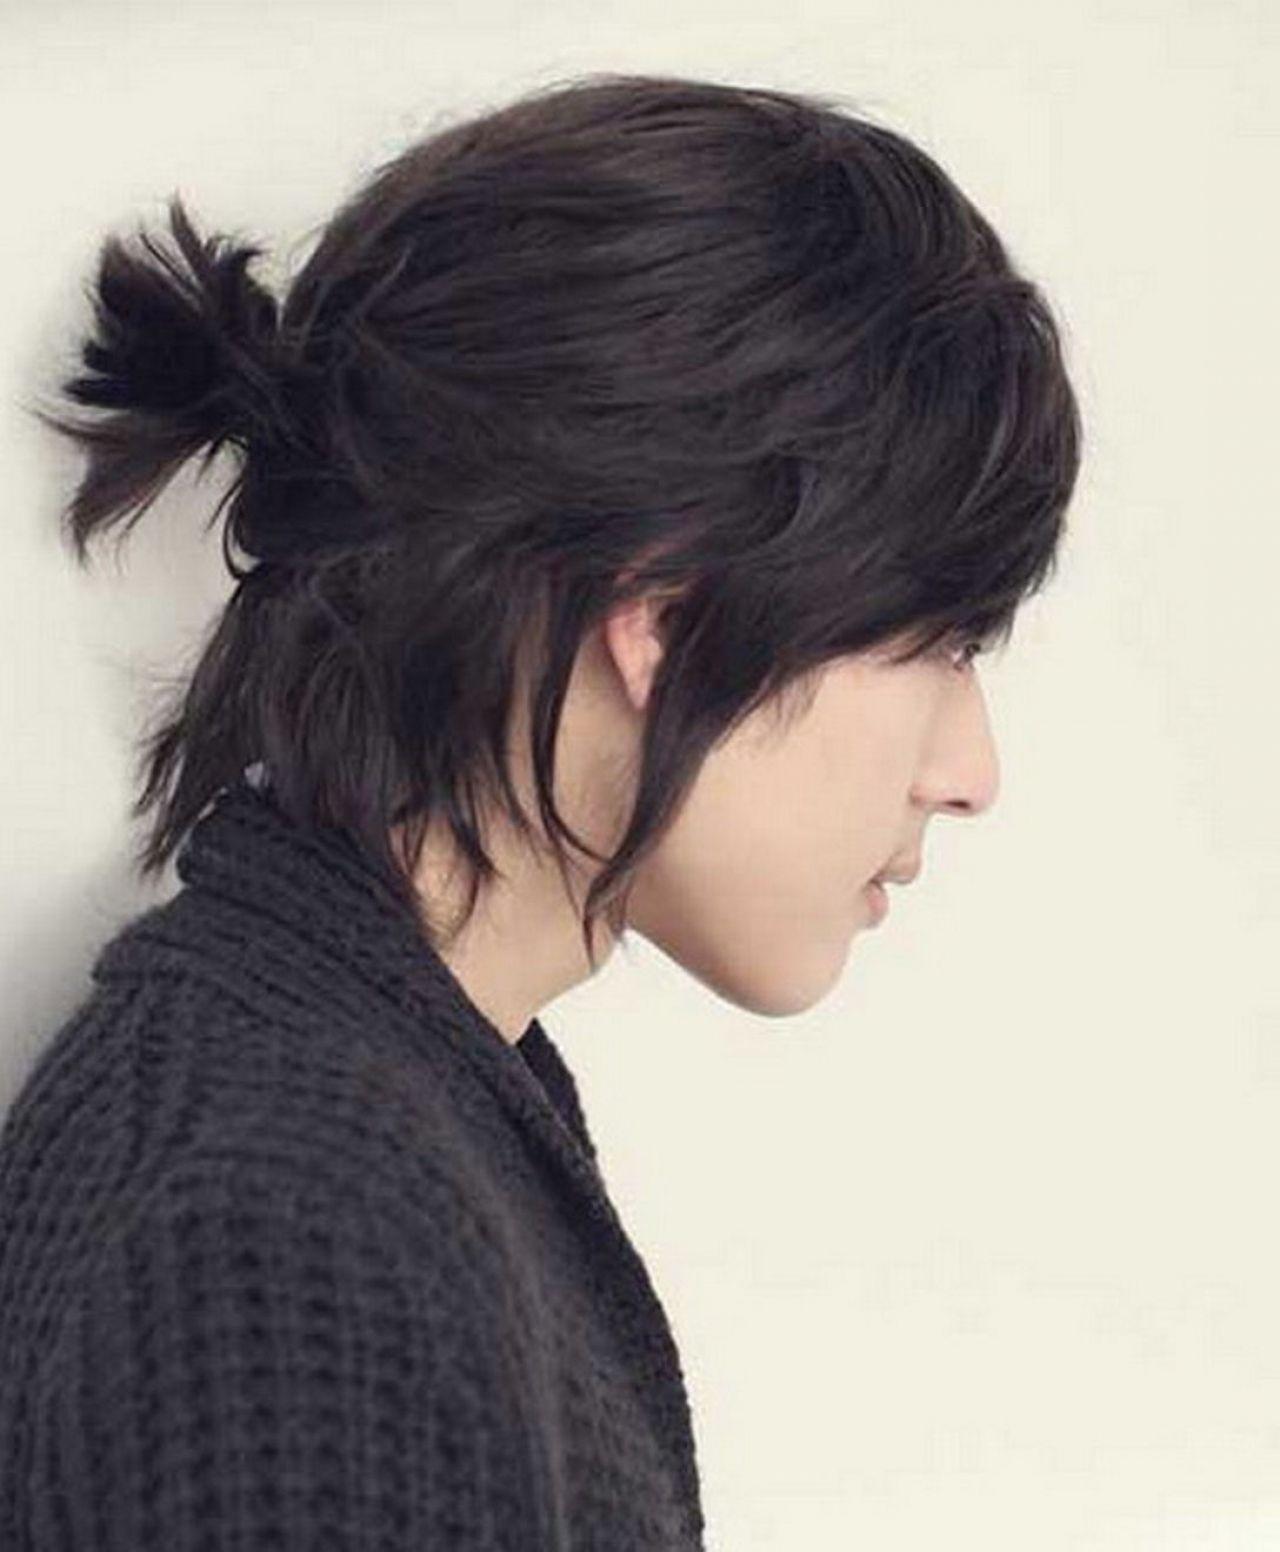 Long Hairstyles For Asian Men Nvcoj52Hj   Inspiration,   Asian Men in Premier Asian Boy Long Hairstyle